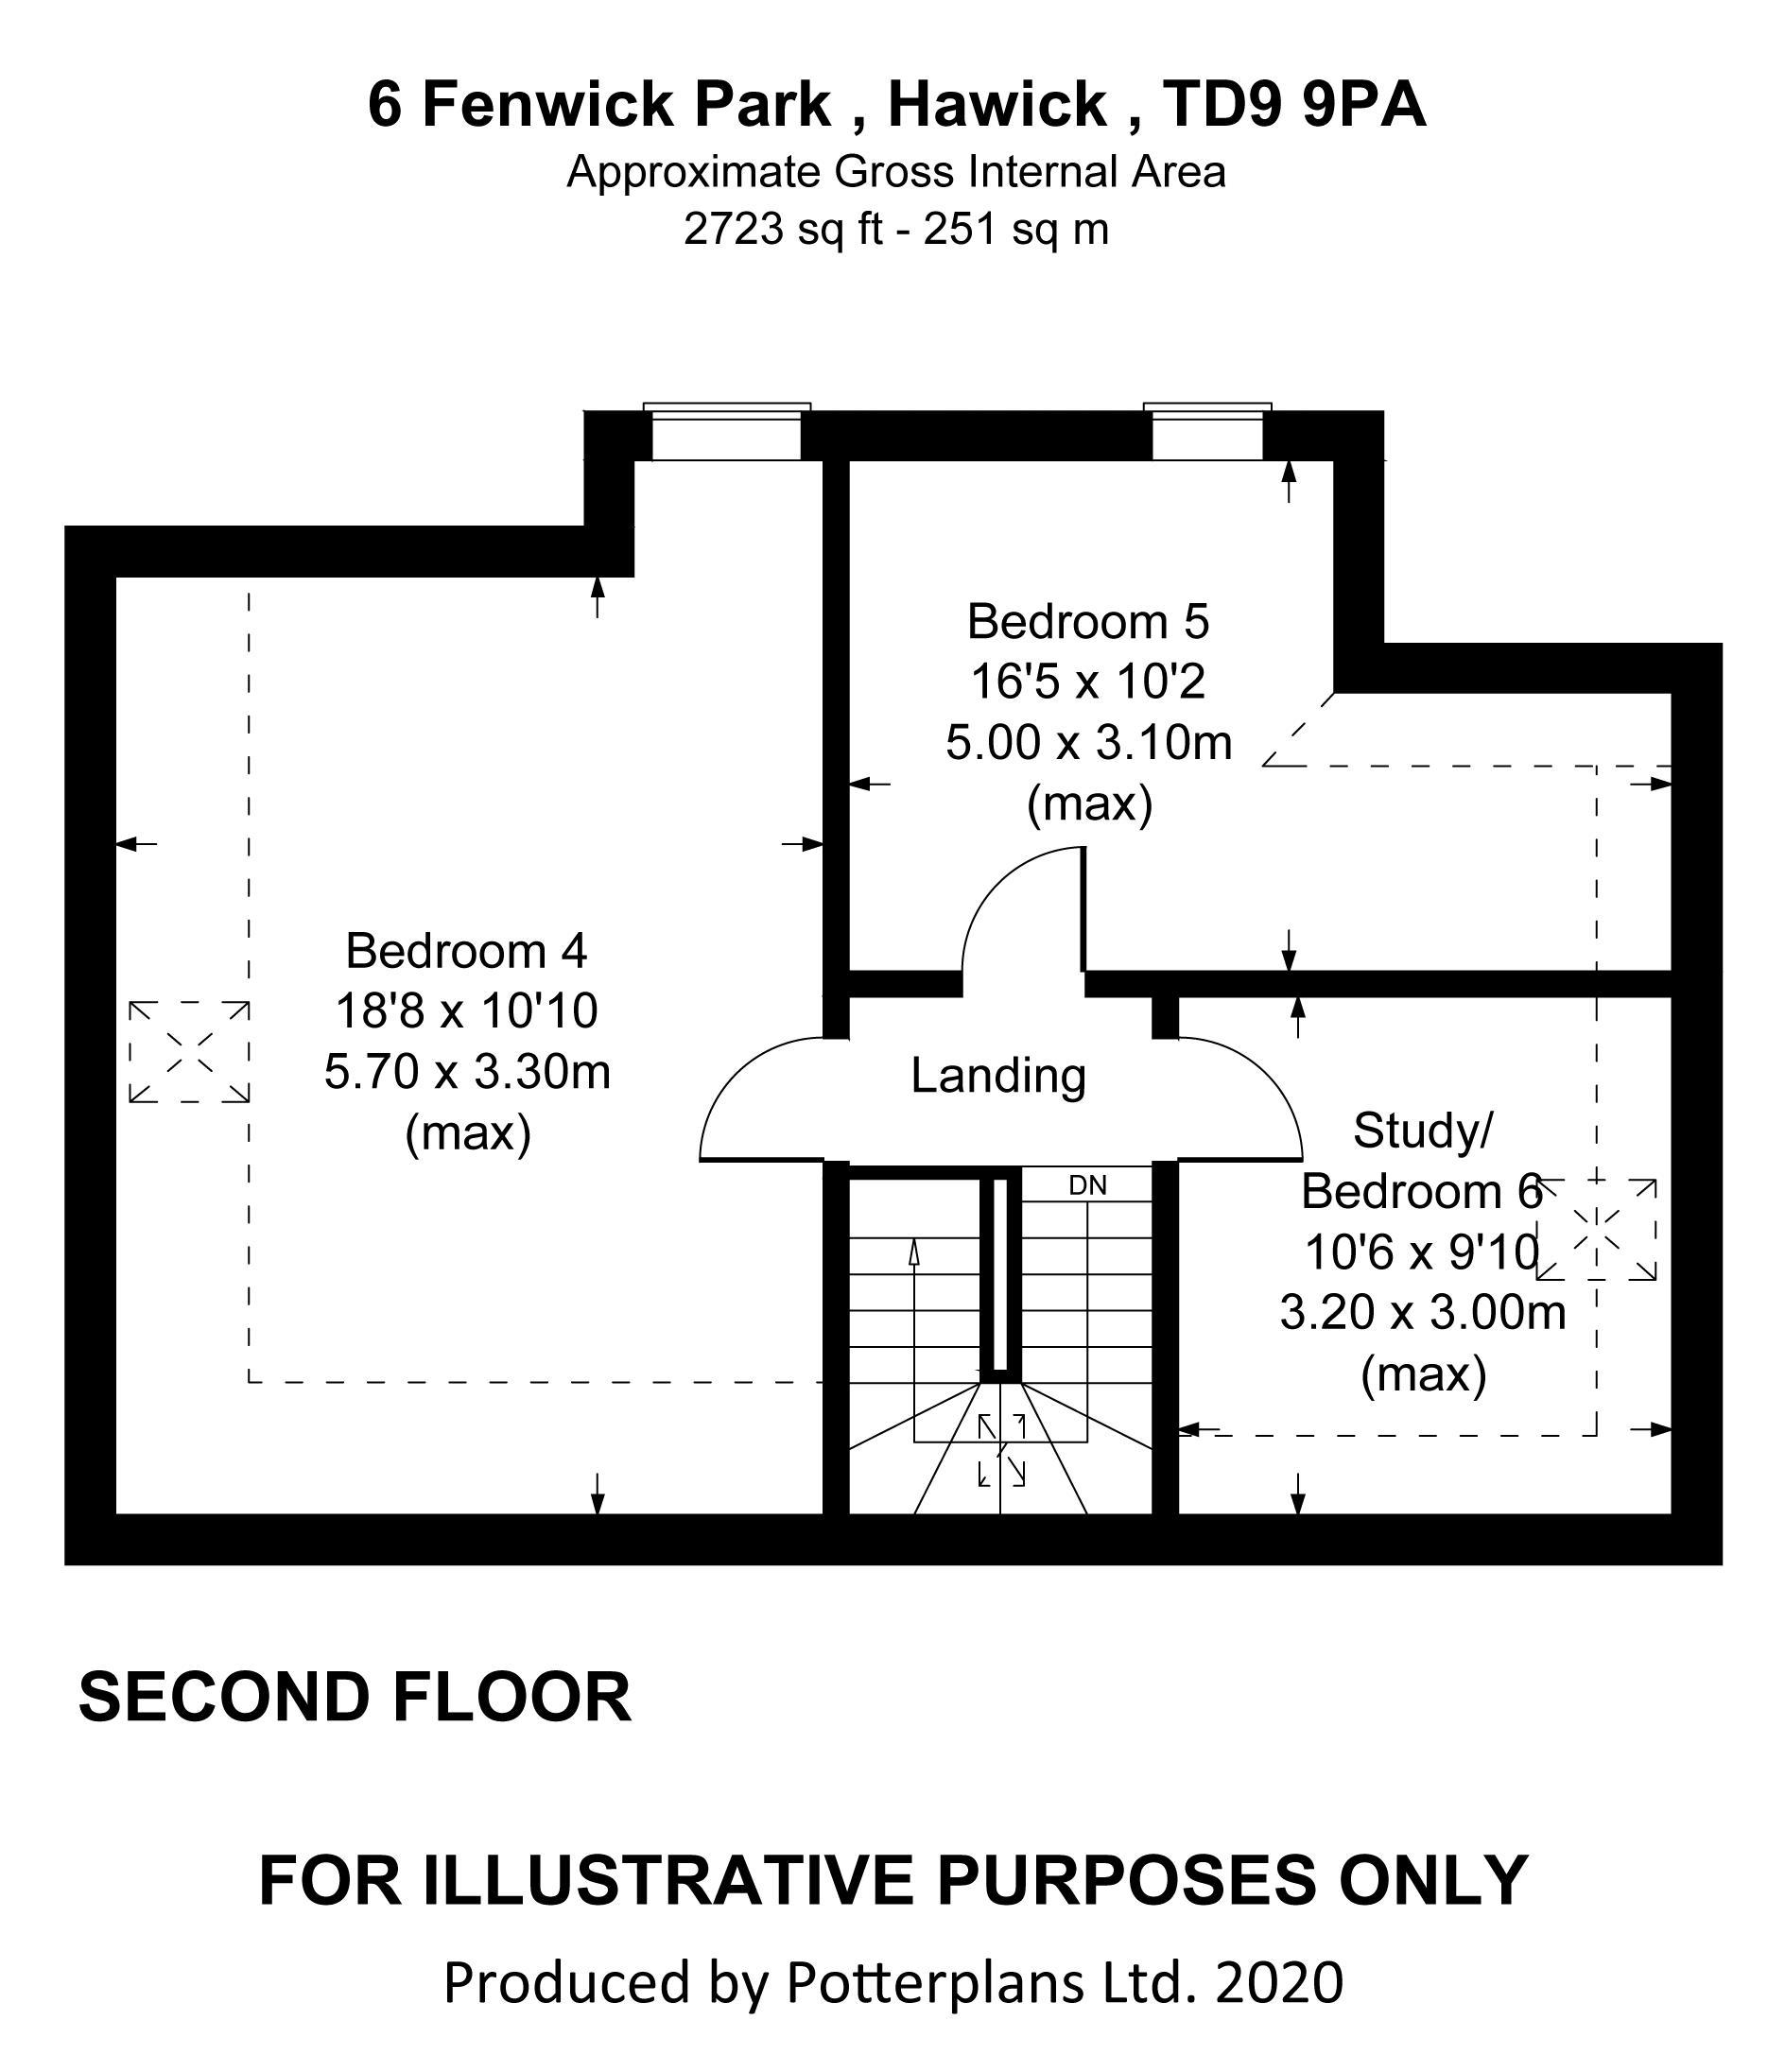 6 Fenwick Park Second Floor